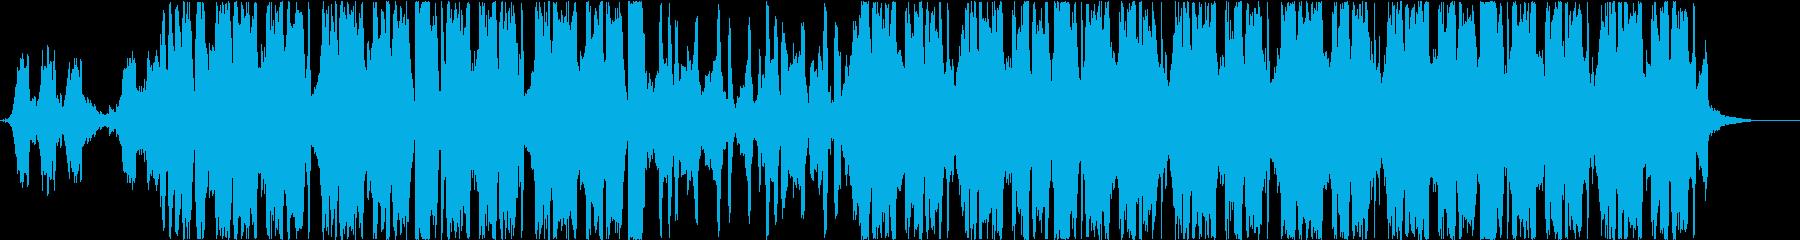 ヒップホップ、チル、背景の再生済みの波形